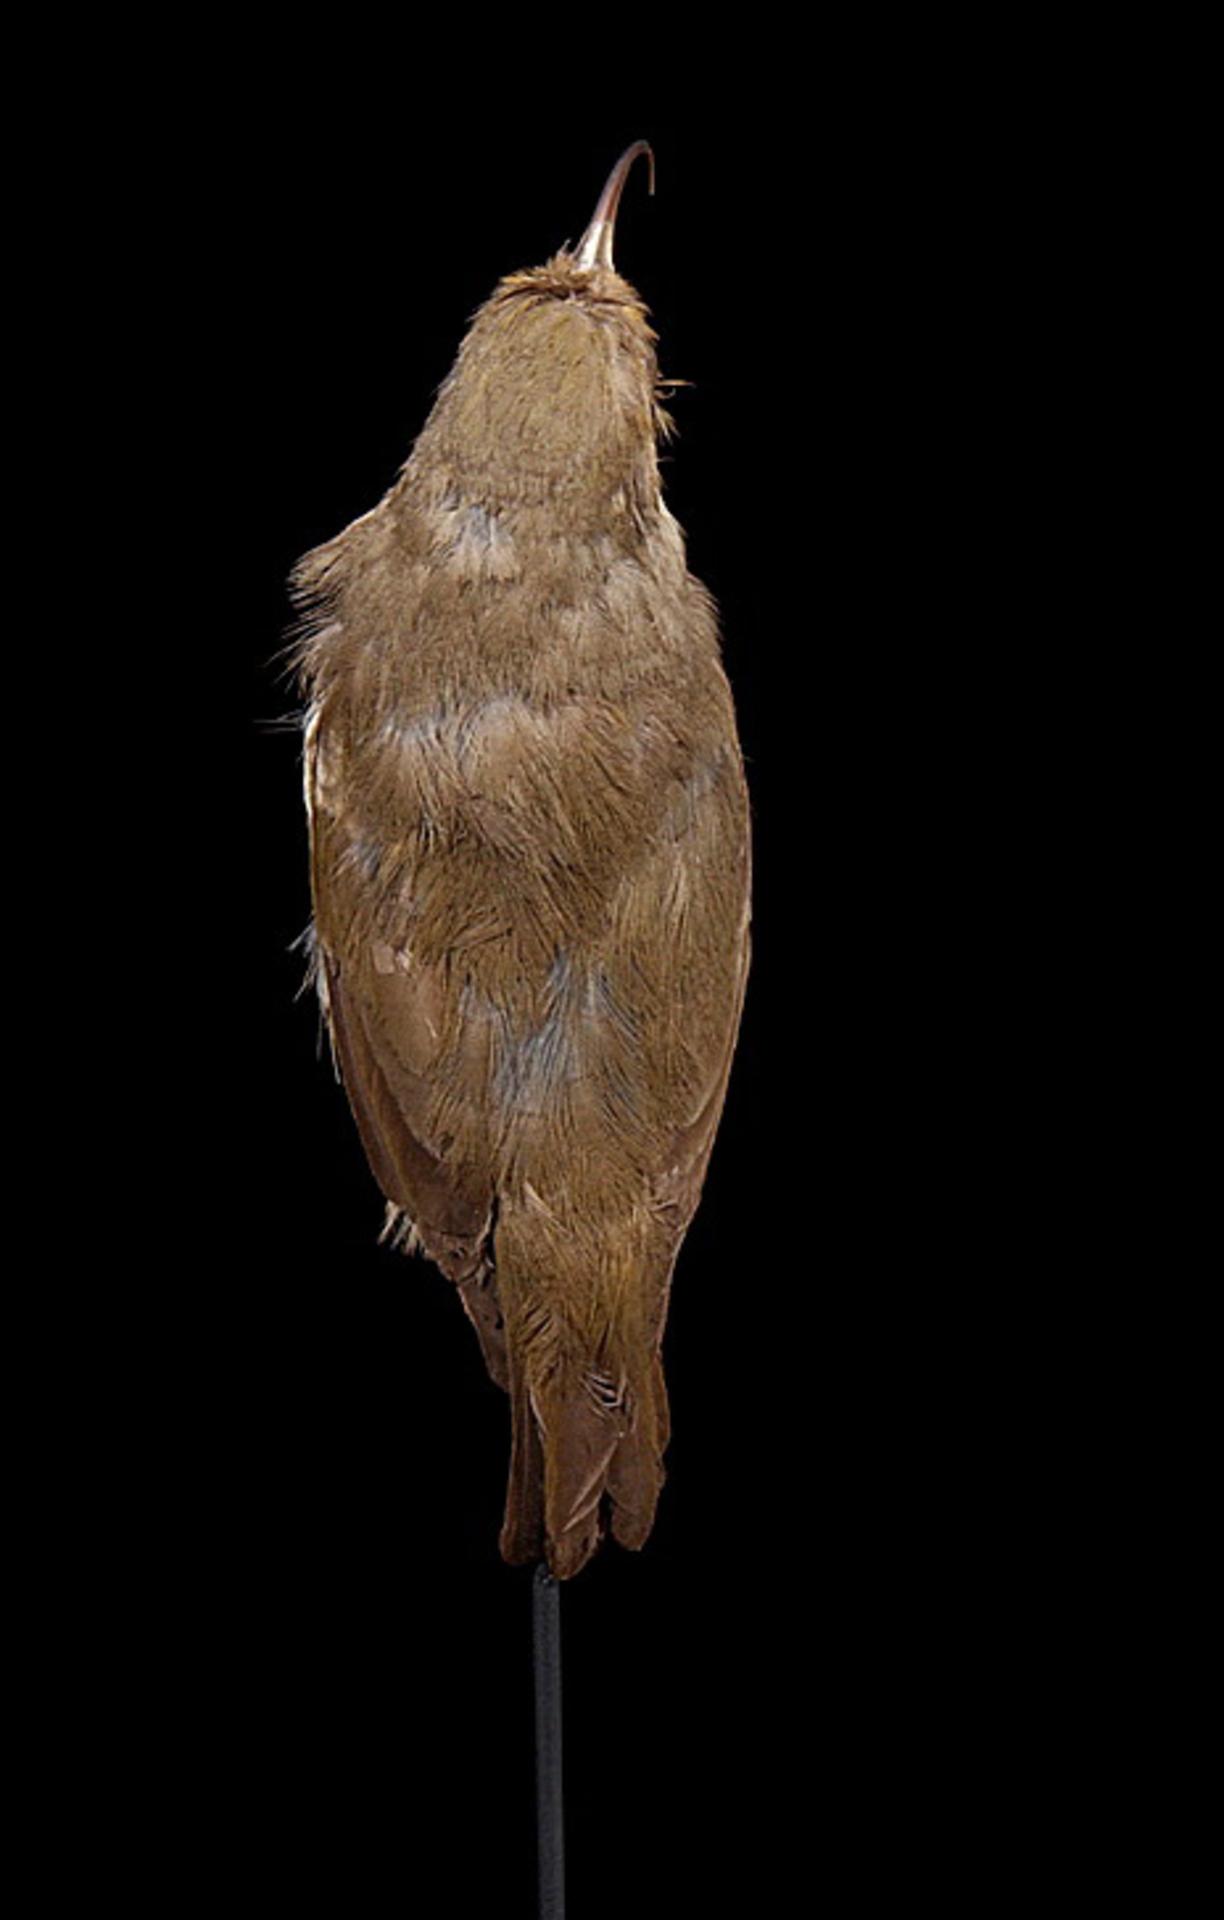 RMNH.AVES.110010 | Hemignathus lucidus lucidus Lichtenstein, 1839